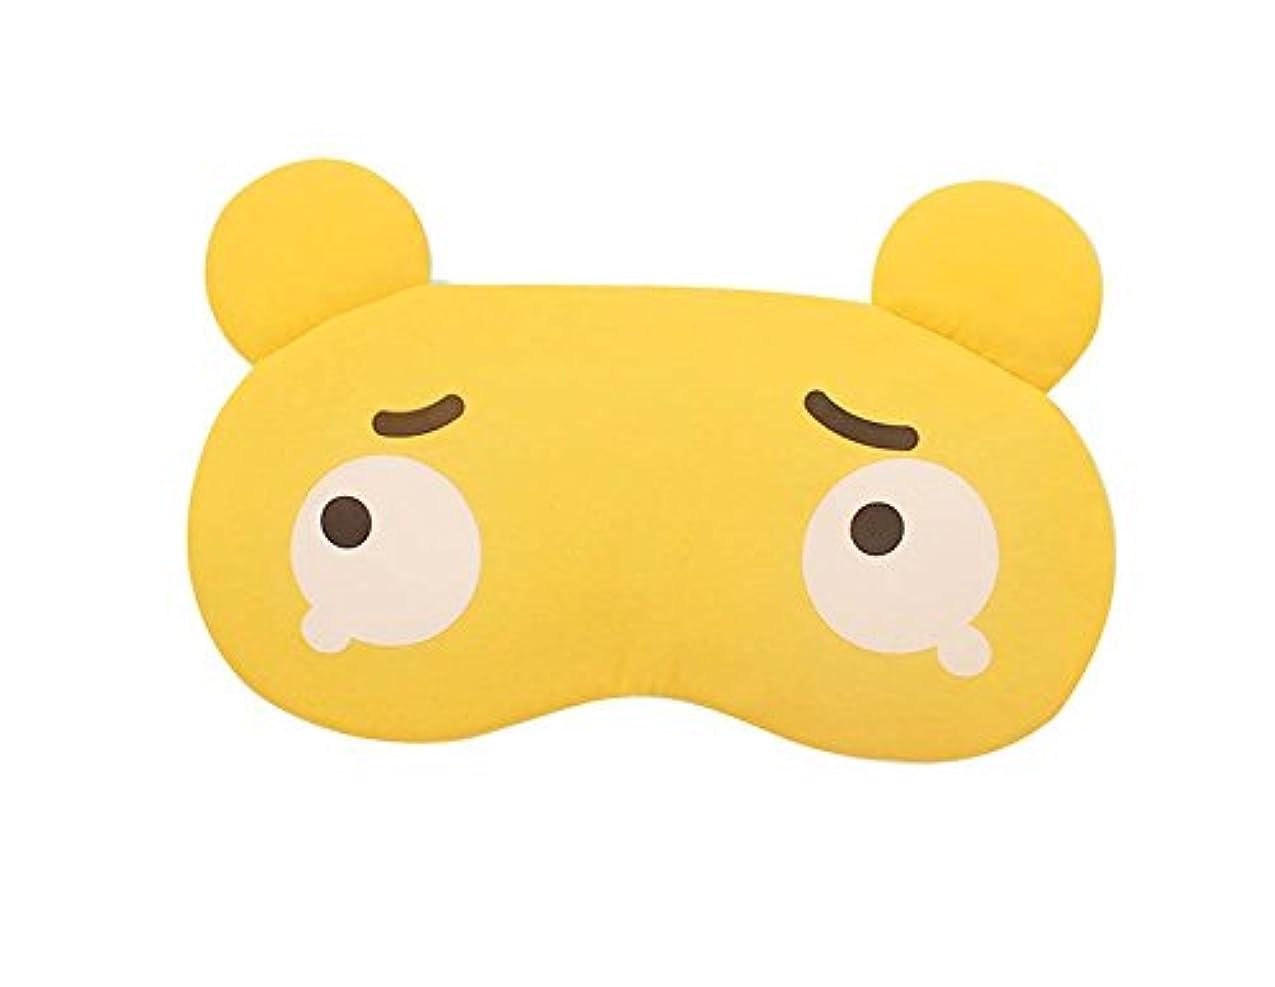 増幅生産的お風呂を持っている黄色の泣きかわいい睡眠アイマスク快適なアイカバー通気性のあるアイシェード